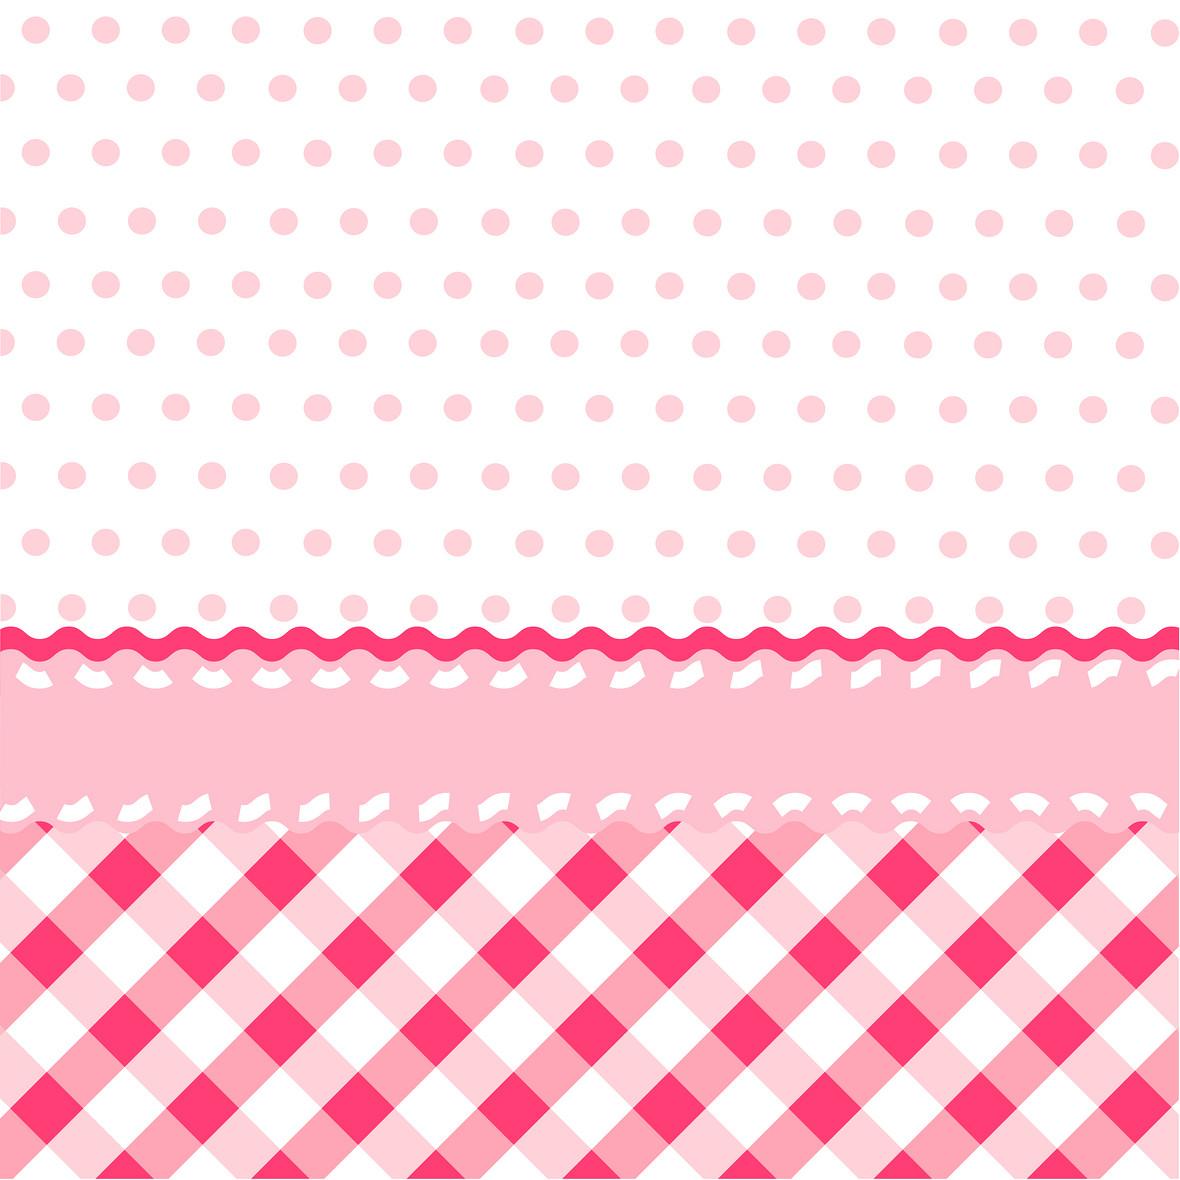 矢量粉色波点格子背景素材